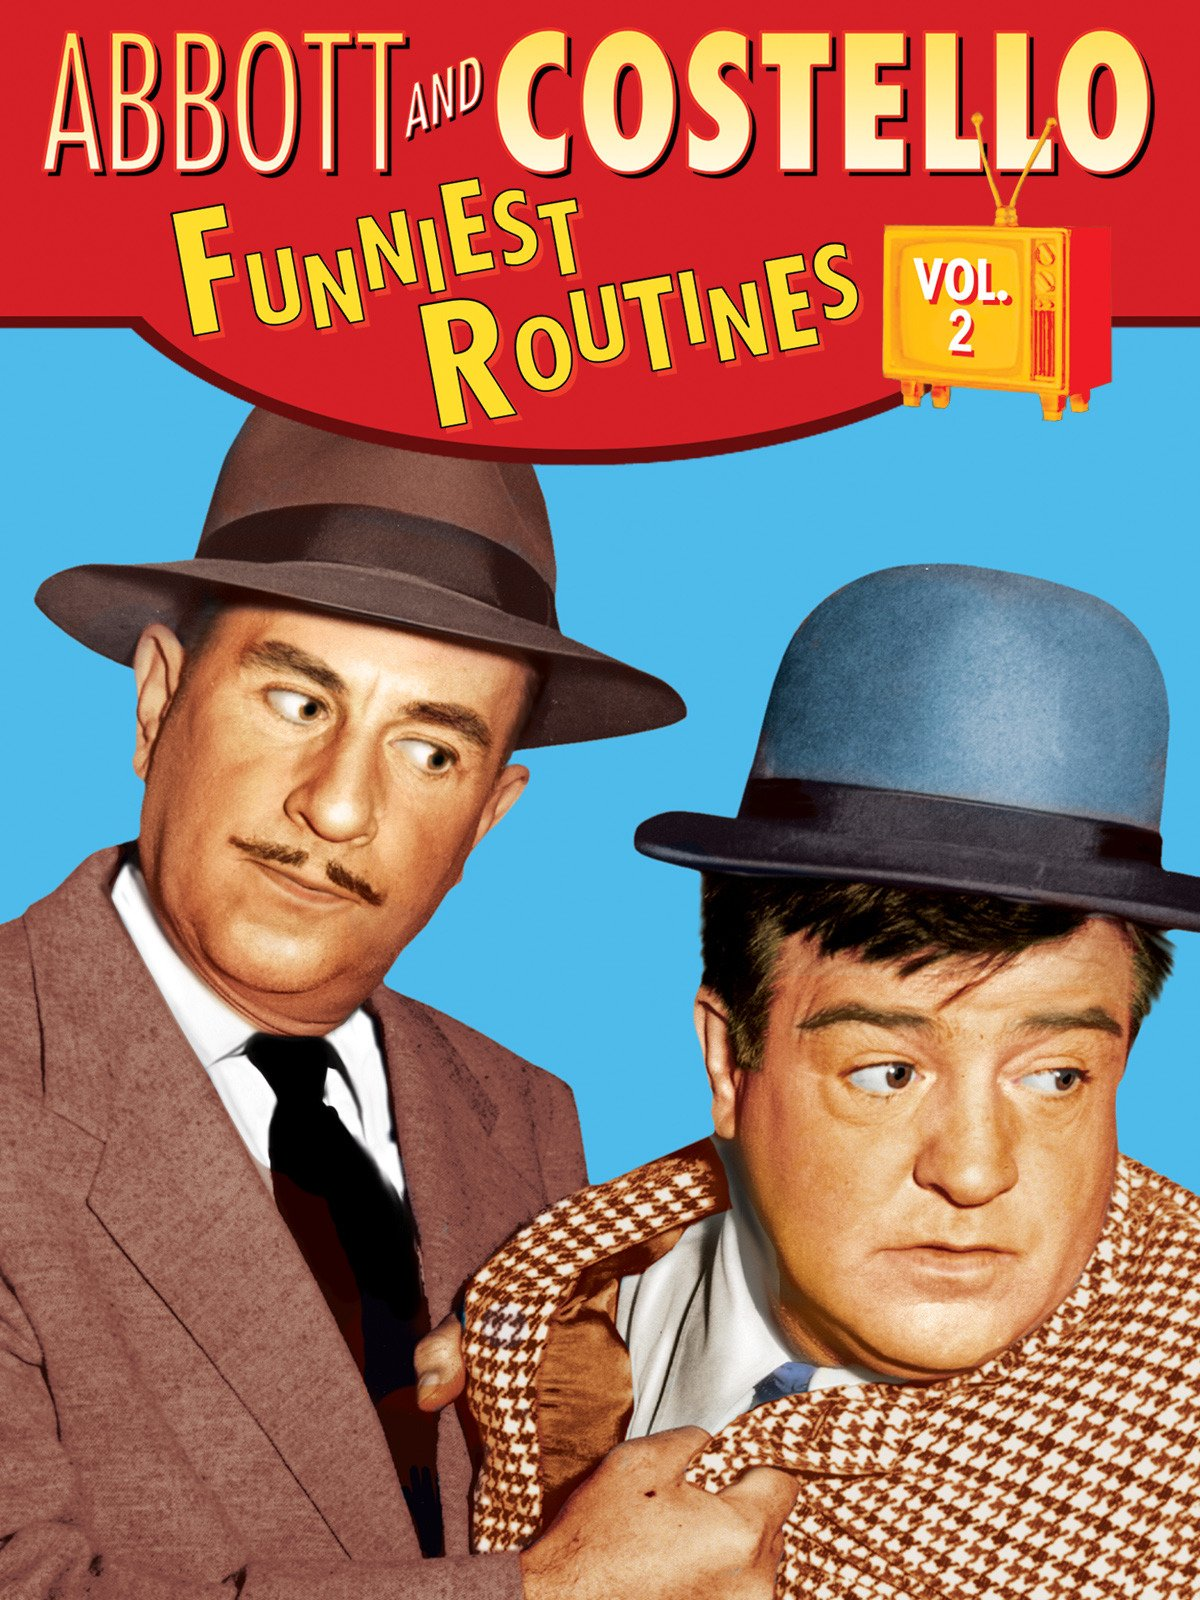 Abbott & Costello: Funniest Routines Volume 2 on Amazon Prime Video UK